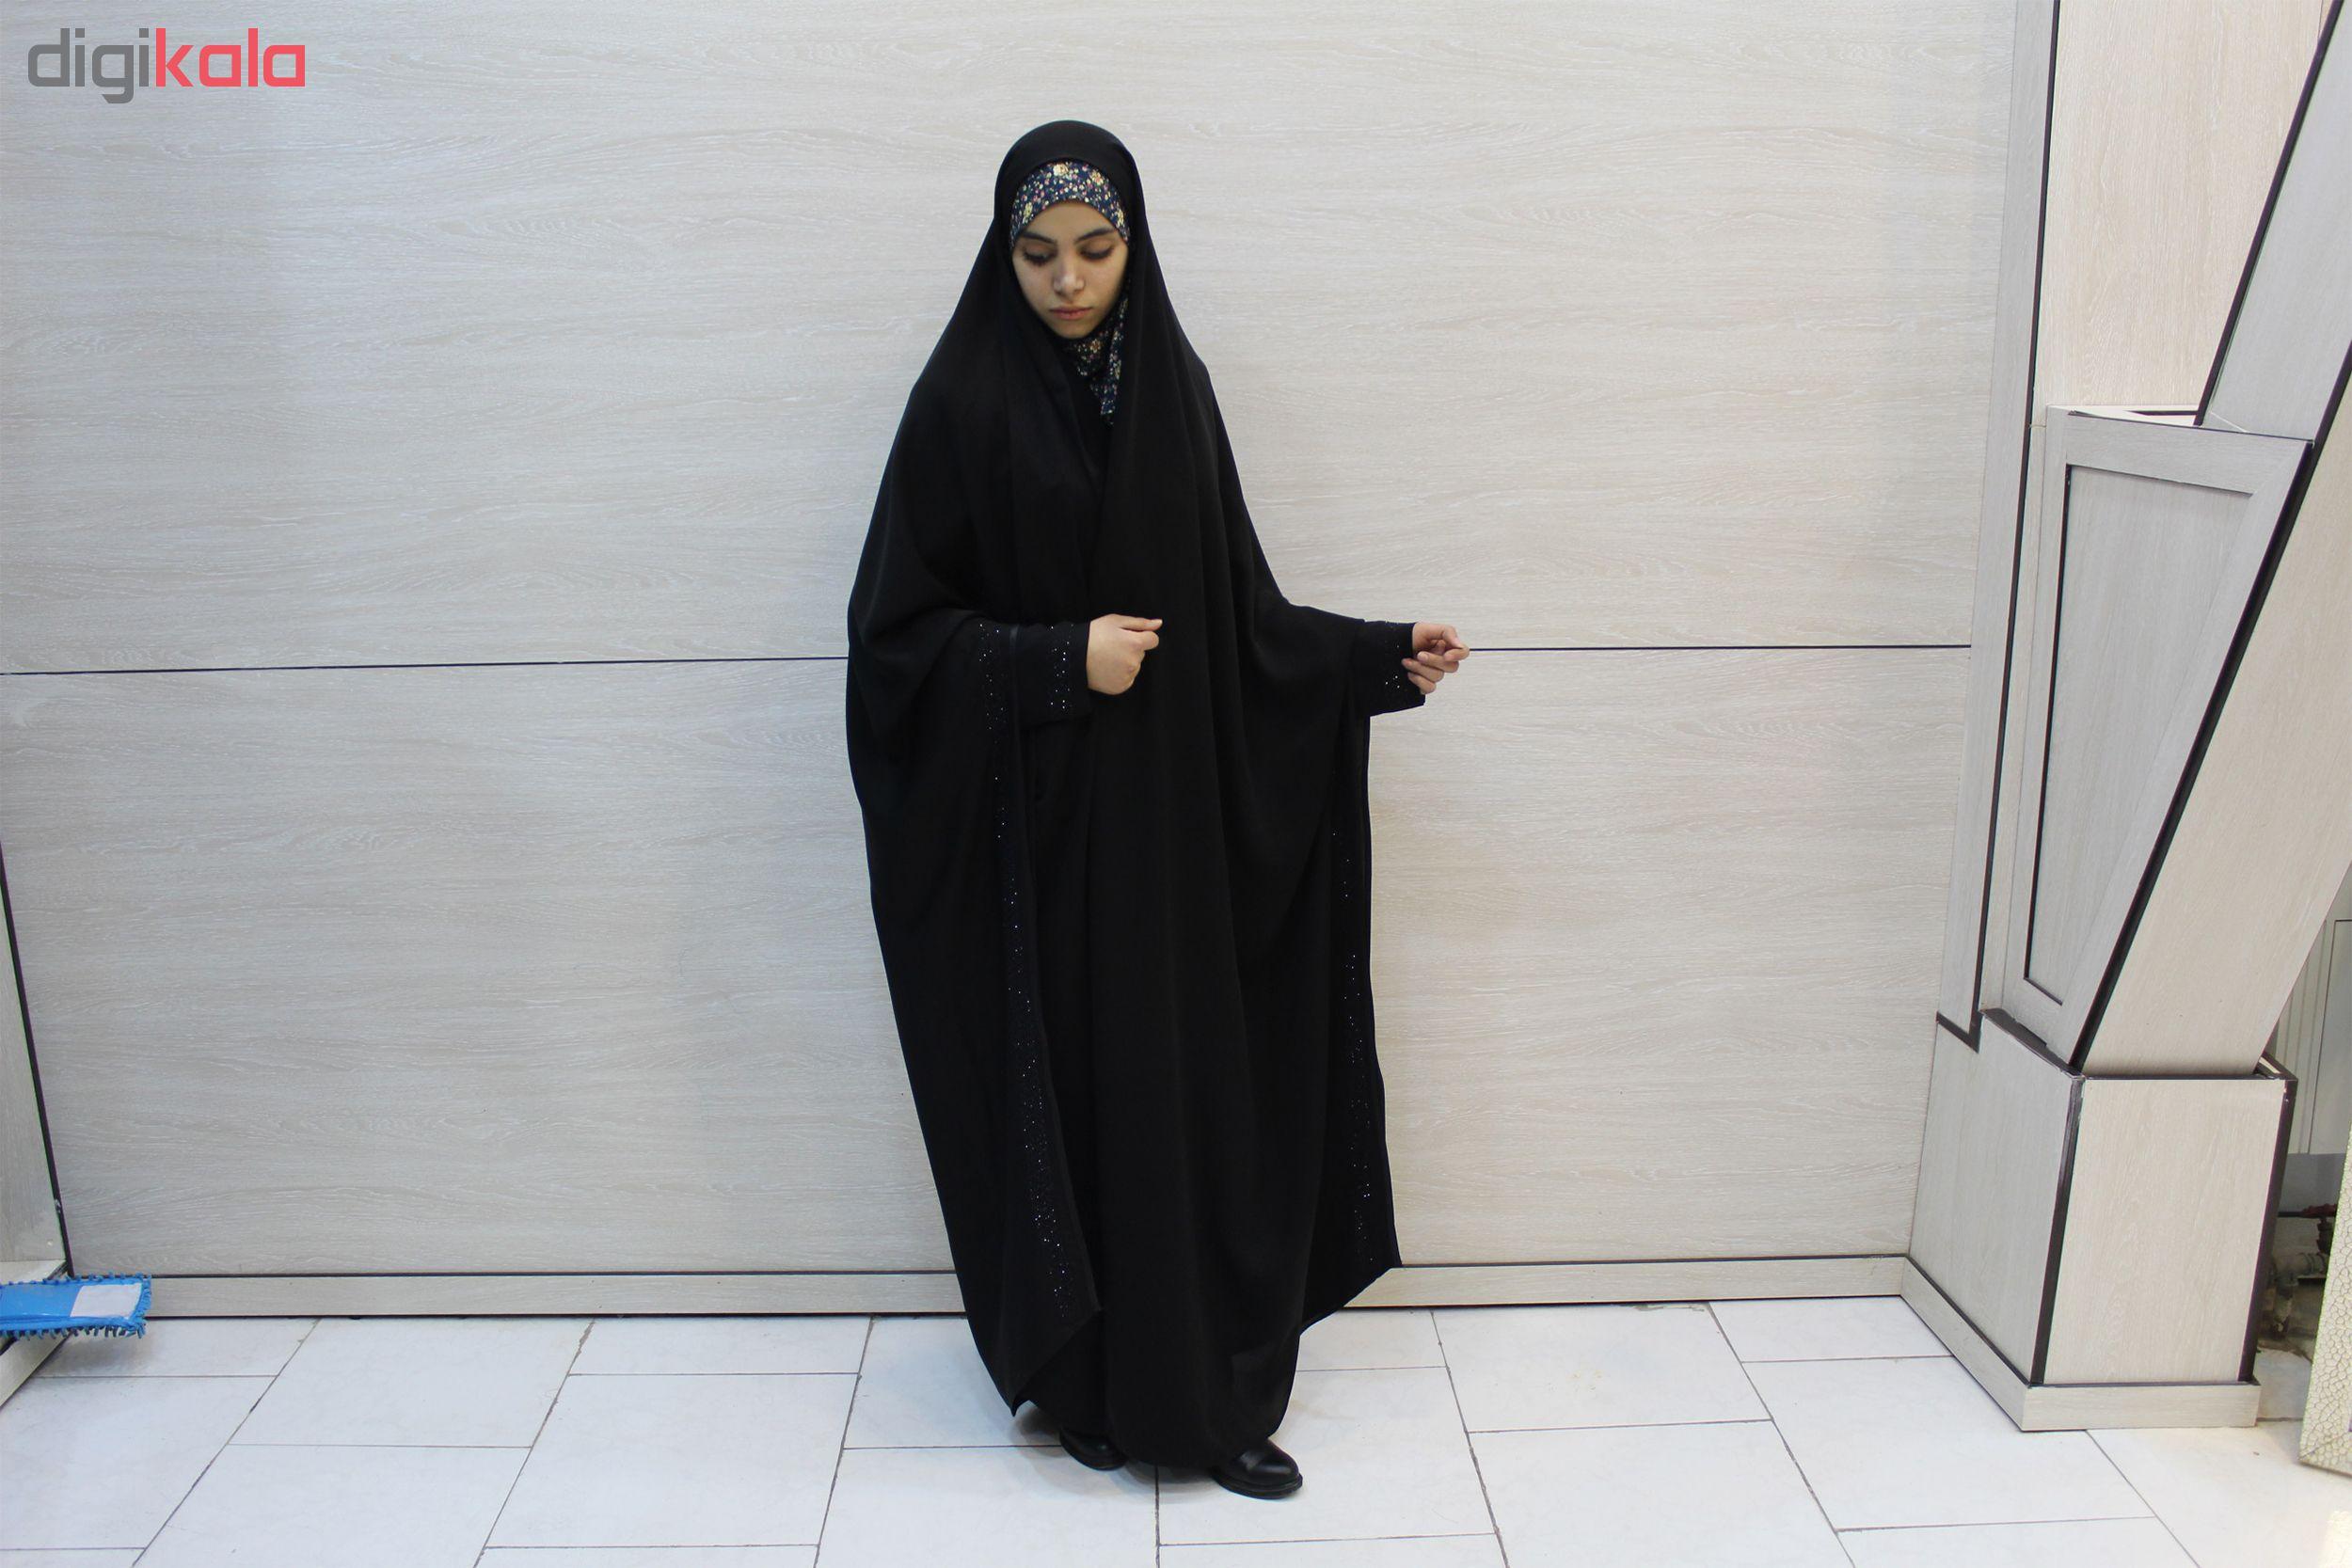 چادر دانشجویی مچ دار مروارید کن کن عروس حجاب حدیث کد 143